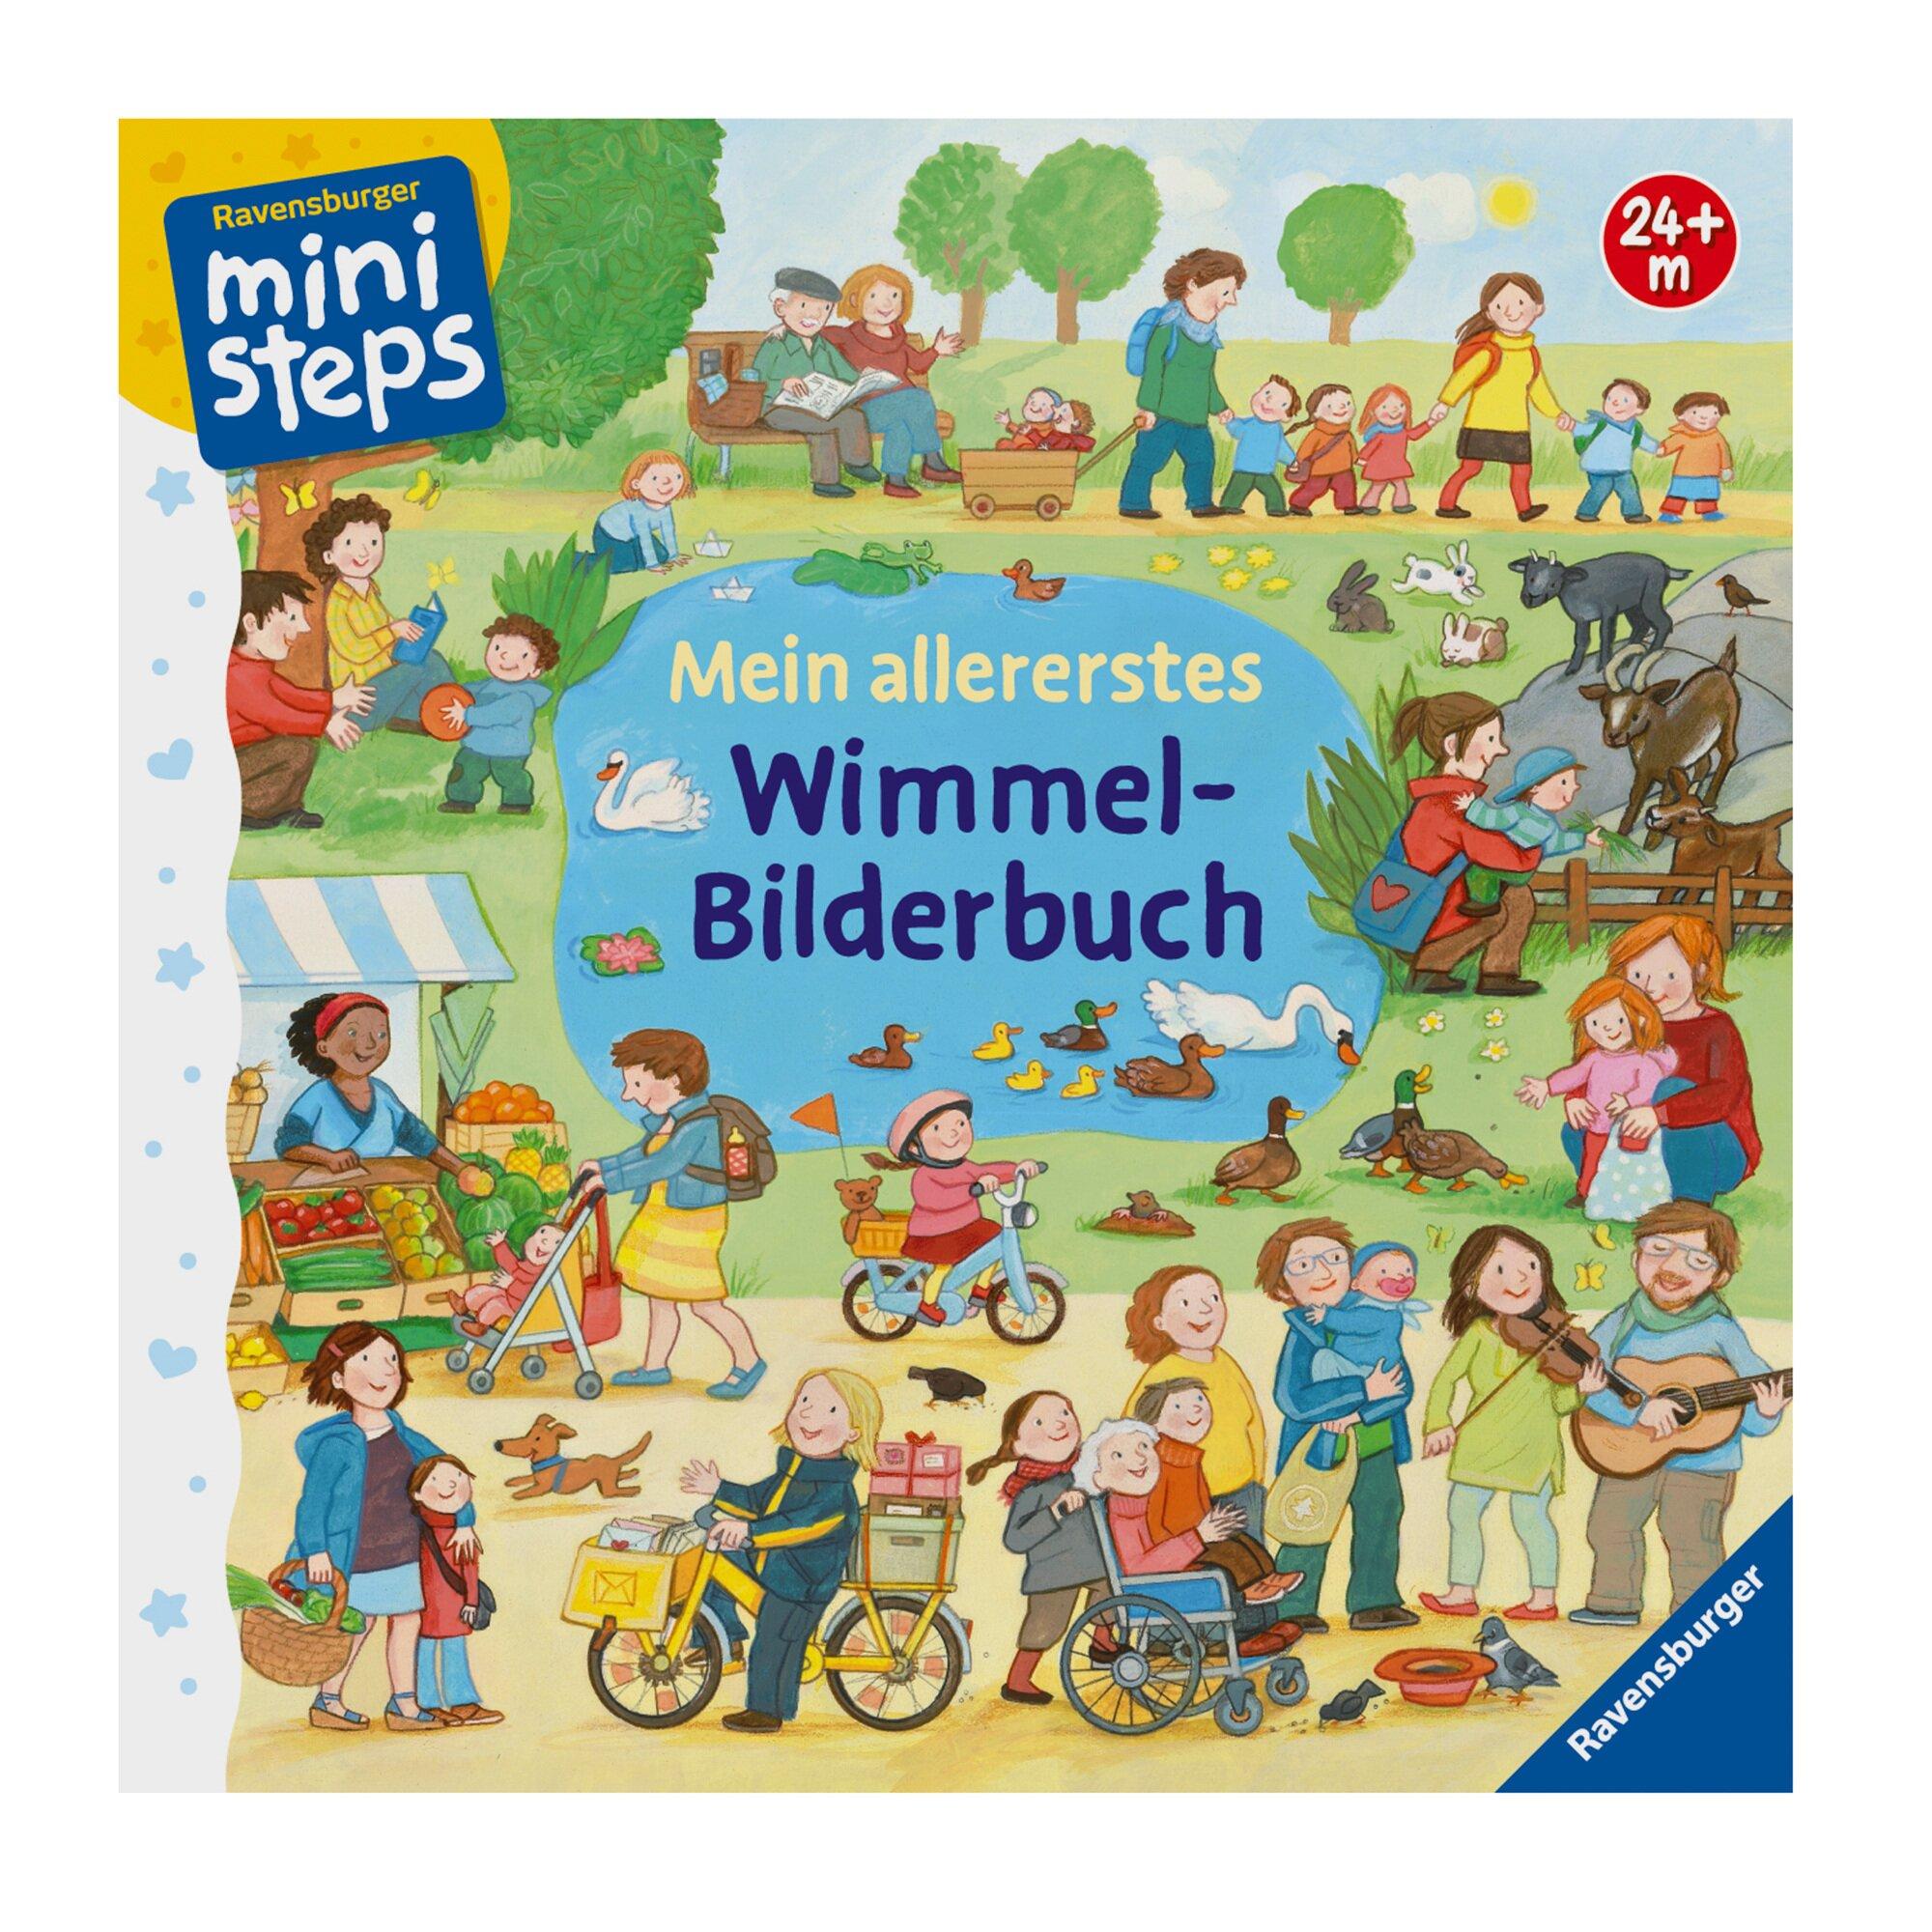 ministeps-pappbilderbuch-mein-allererstes-wimmel-bilderbuch